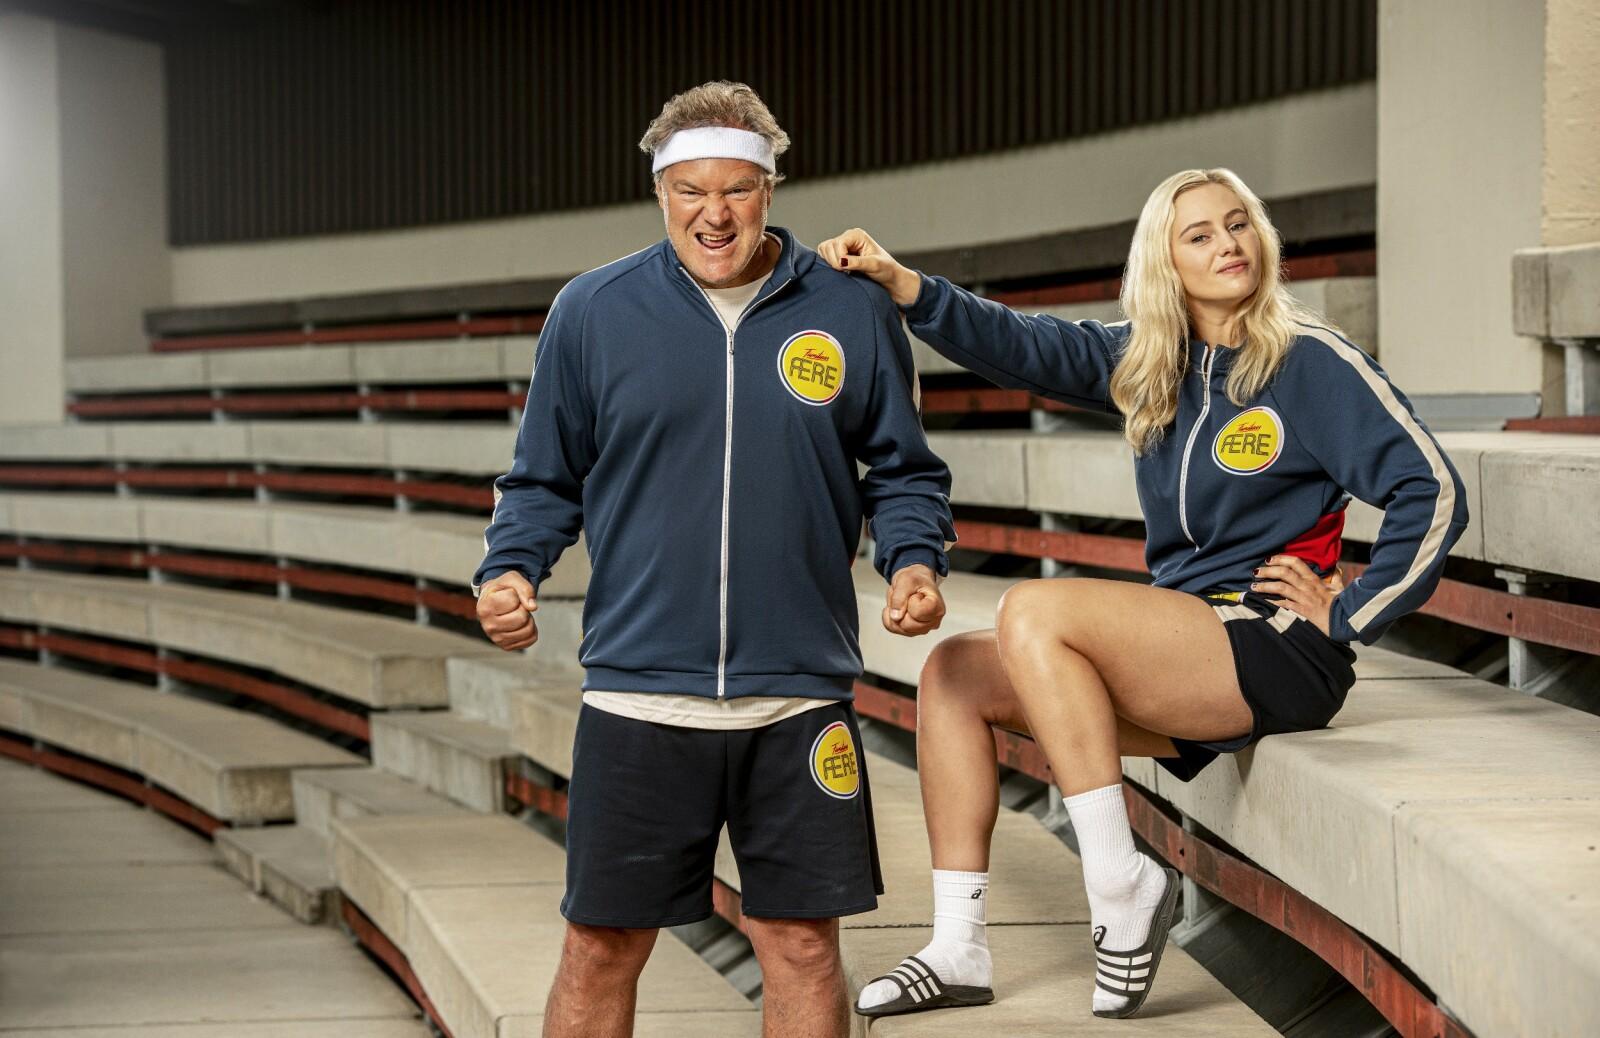 KONKURRANSEINSTINKT: Det altoppslukende konkuranseinstinktet har Mia Svele arvet av sin far, den tidligere håndballspilleren, Bent Svele. FOTO: Per Heimly / Nordisk Film TV / NRK